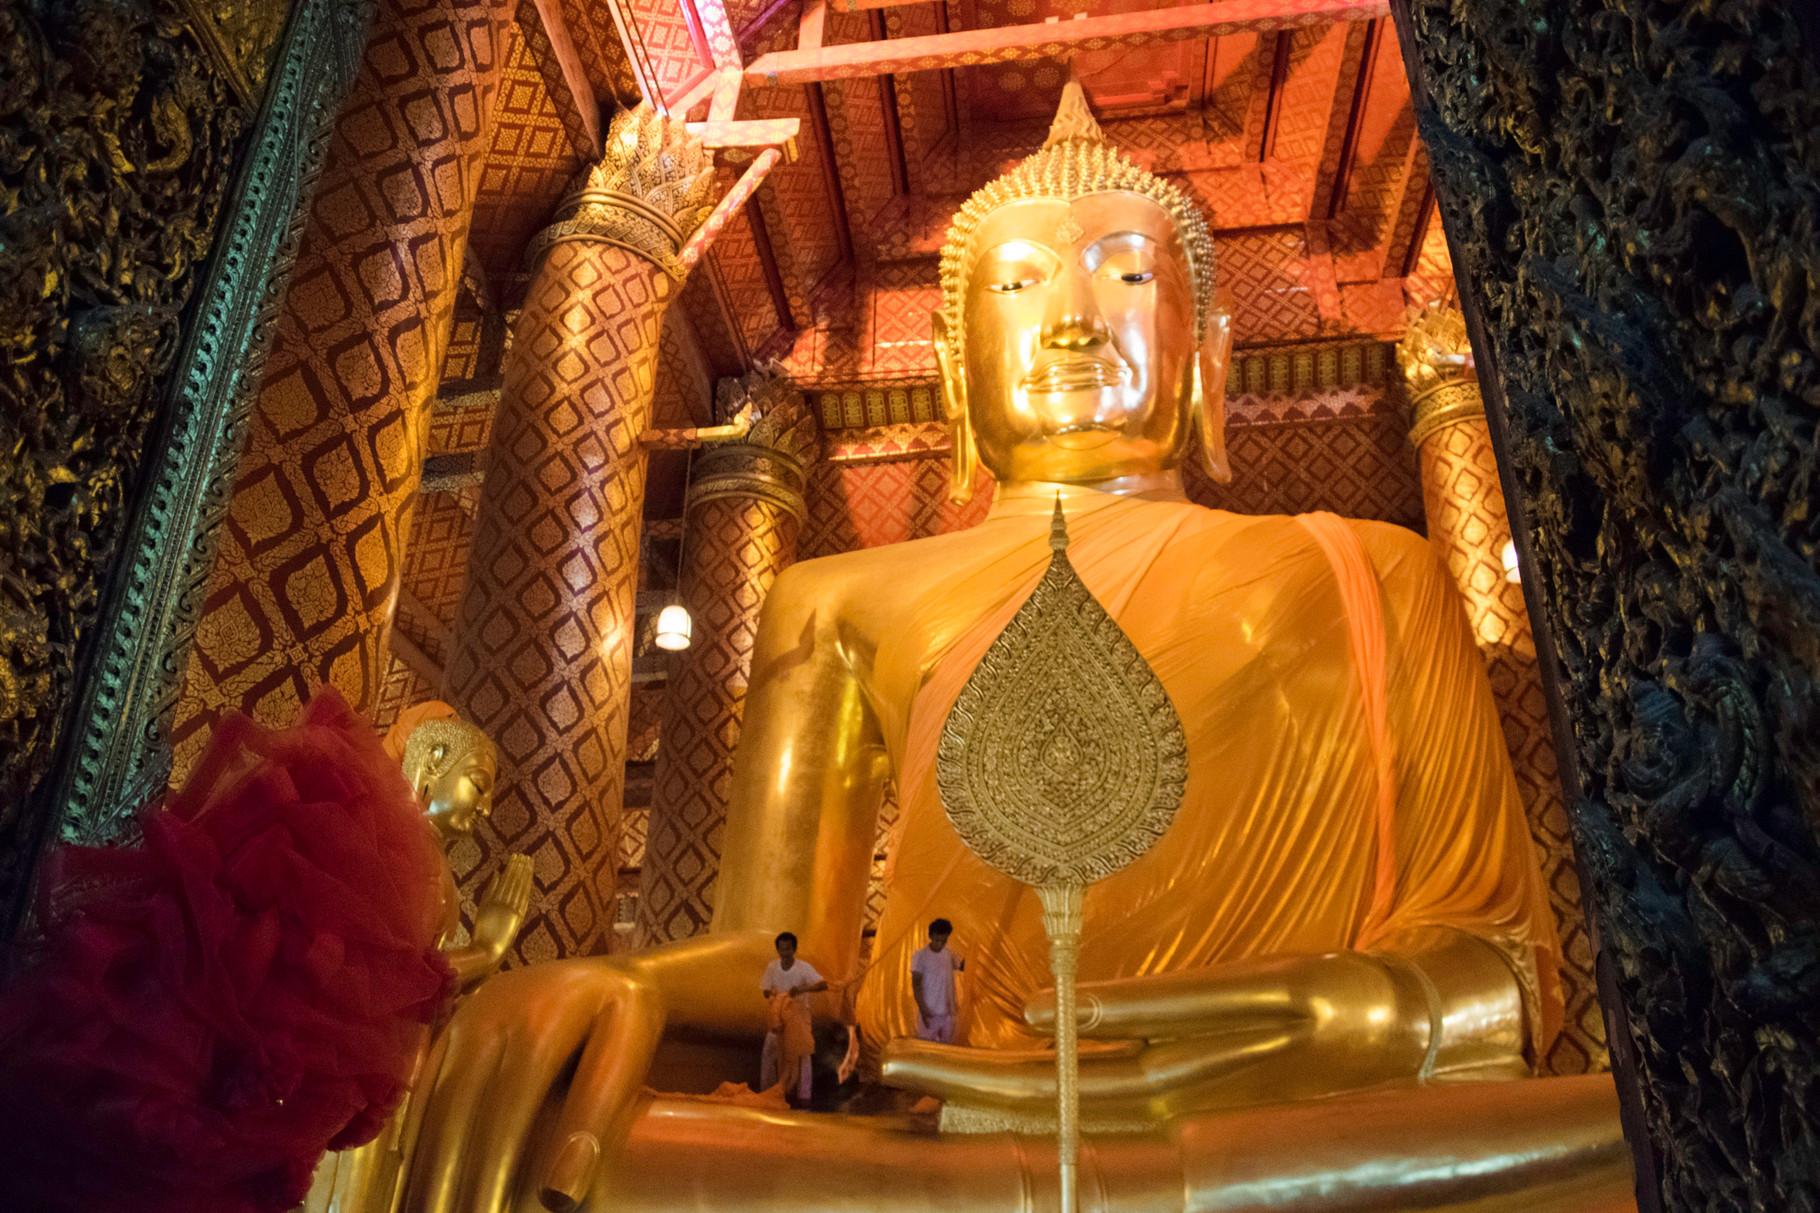 Einer der unzähligen Buddhas